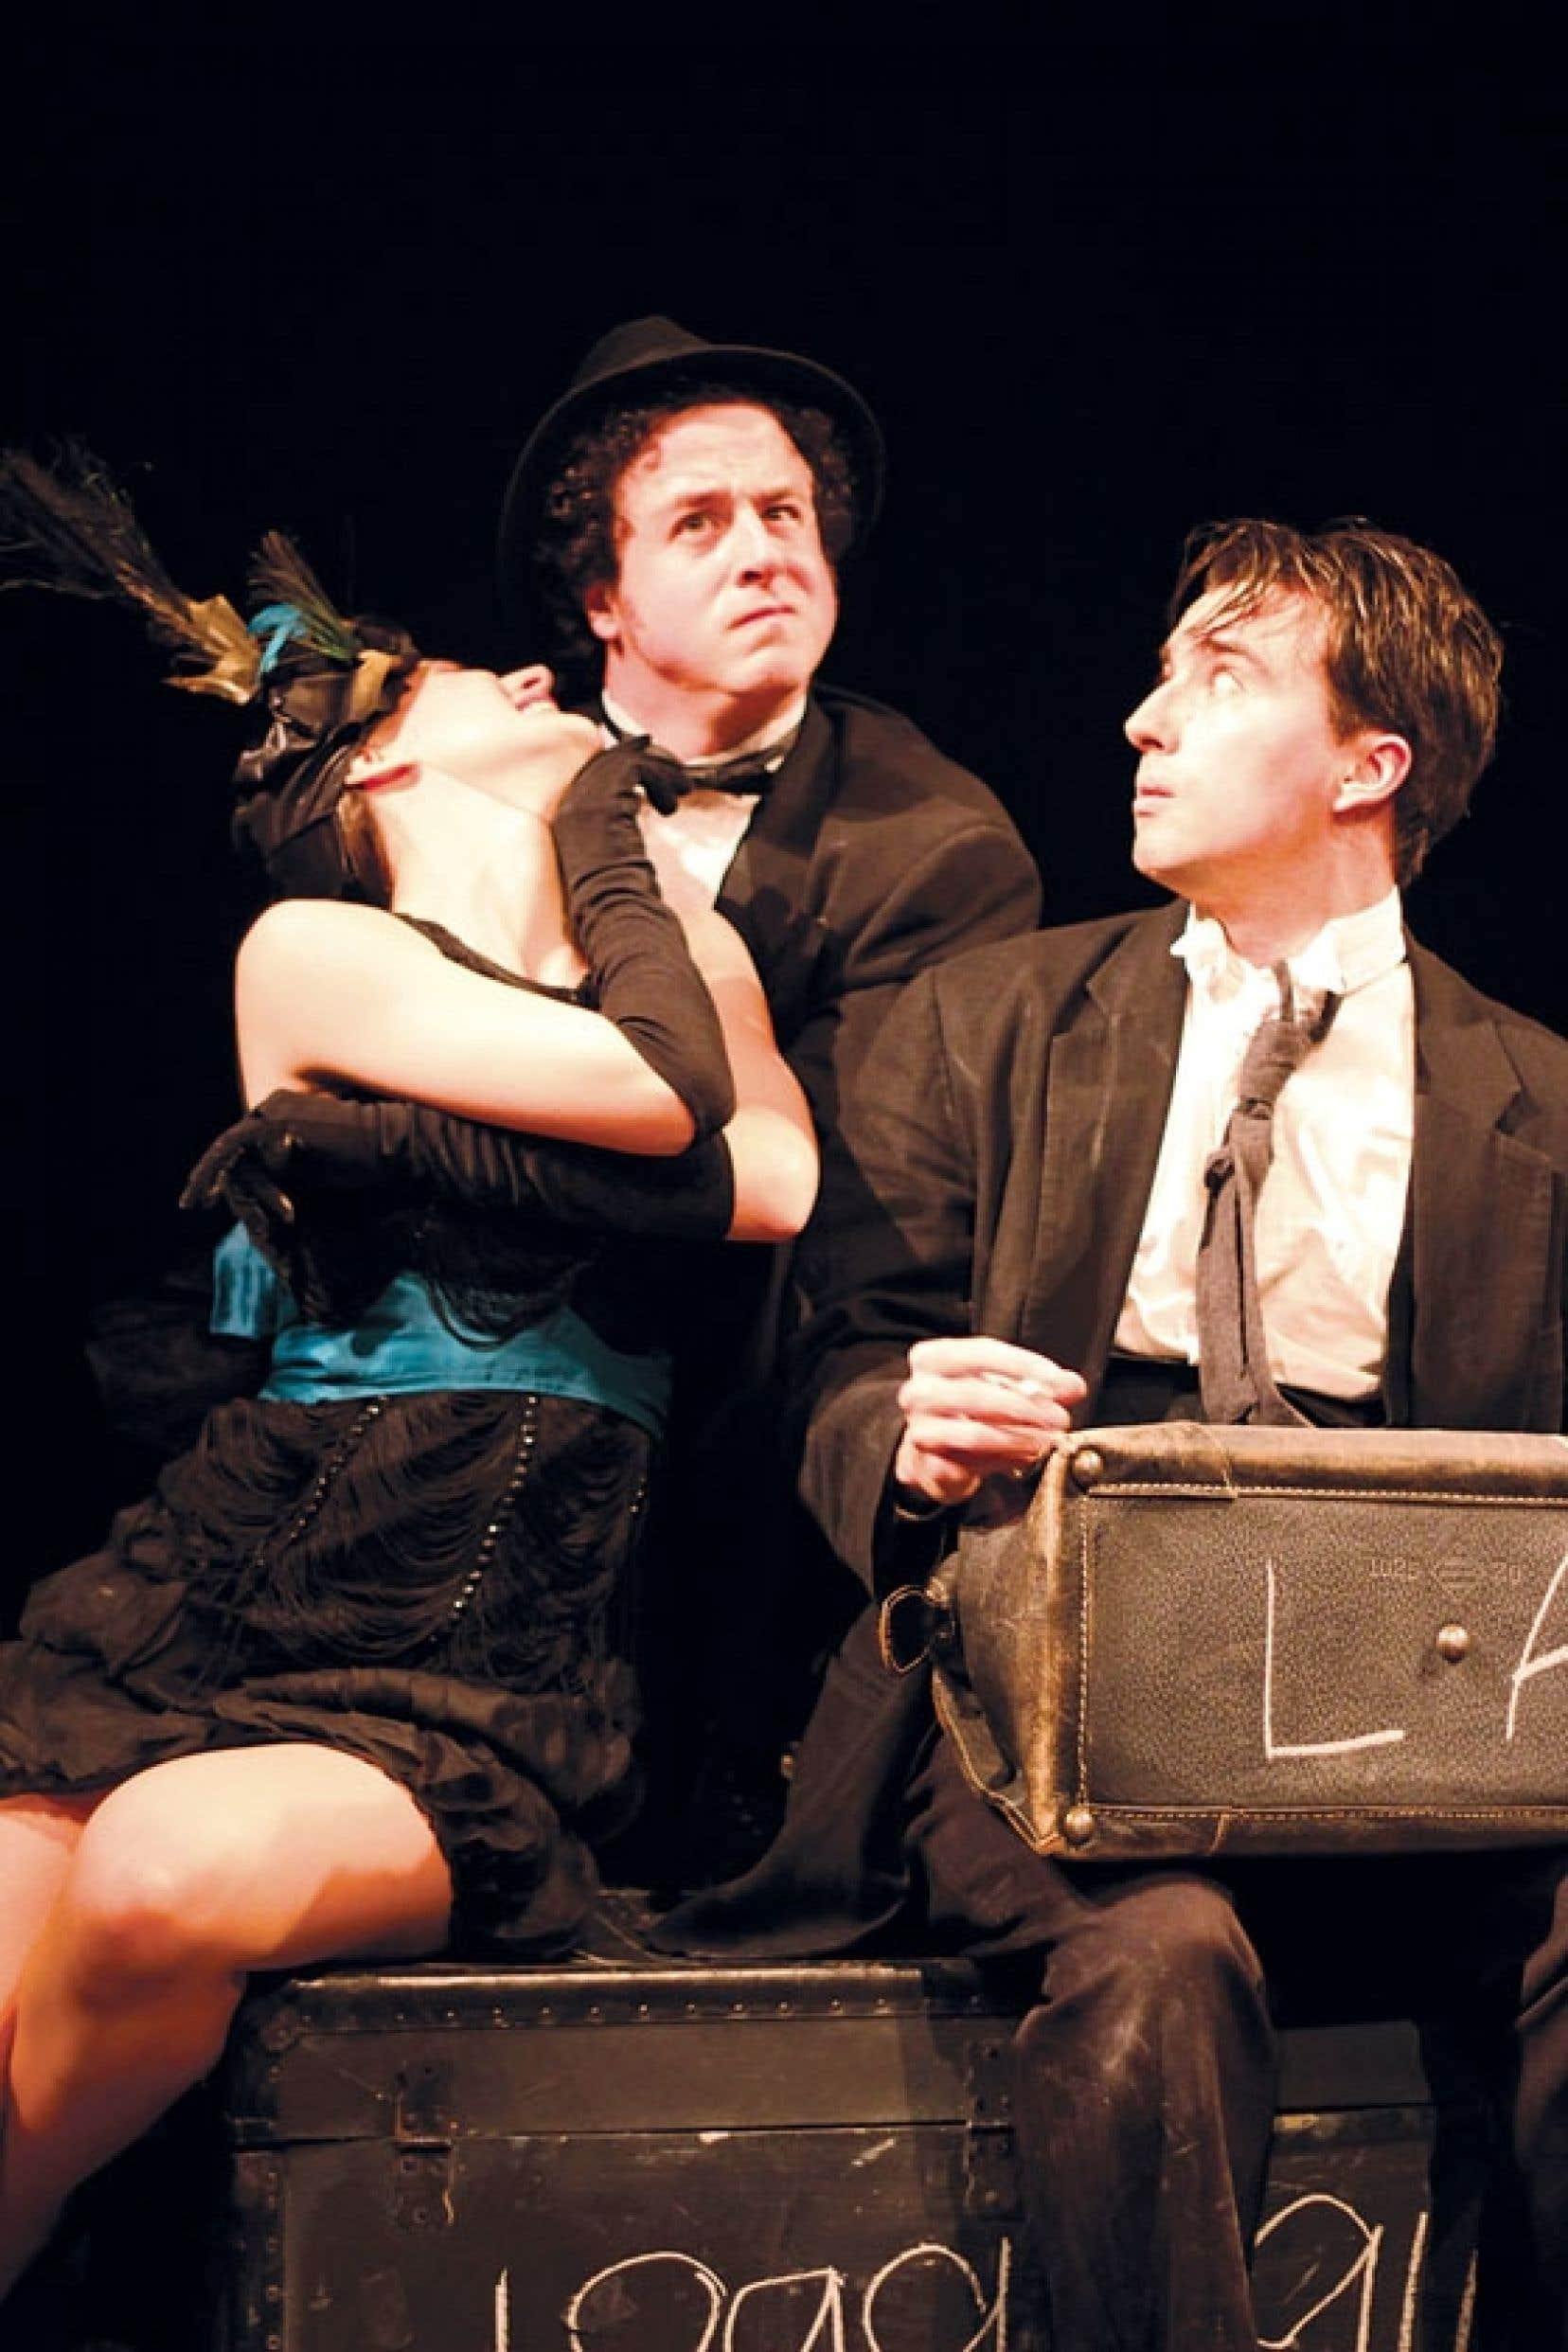 Danièle Simon, Charles-Étienne Beaulne et Raphaël Posadas dans la pièce Le « K » Buster, qui se présente comme un hommage au cinéma muet et à l'une de ses têtes de file, Buster Keaton.